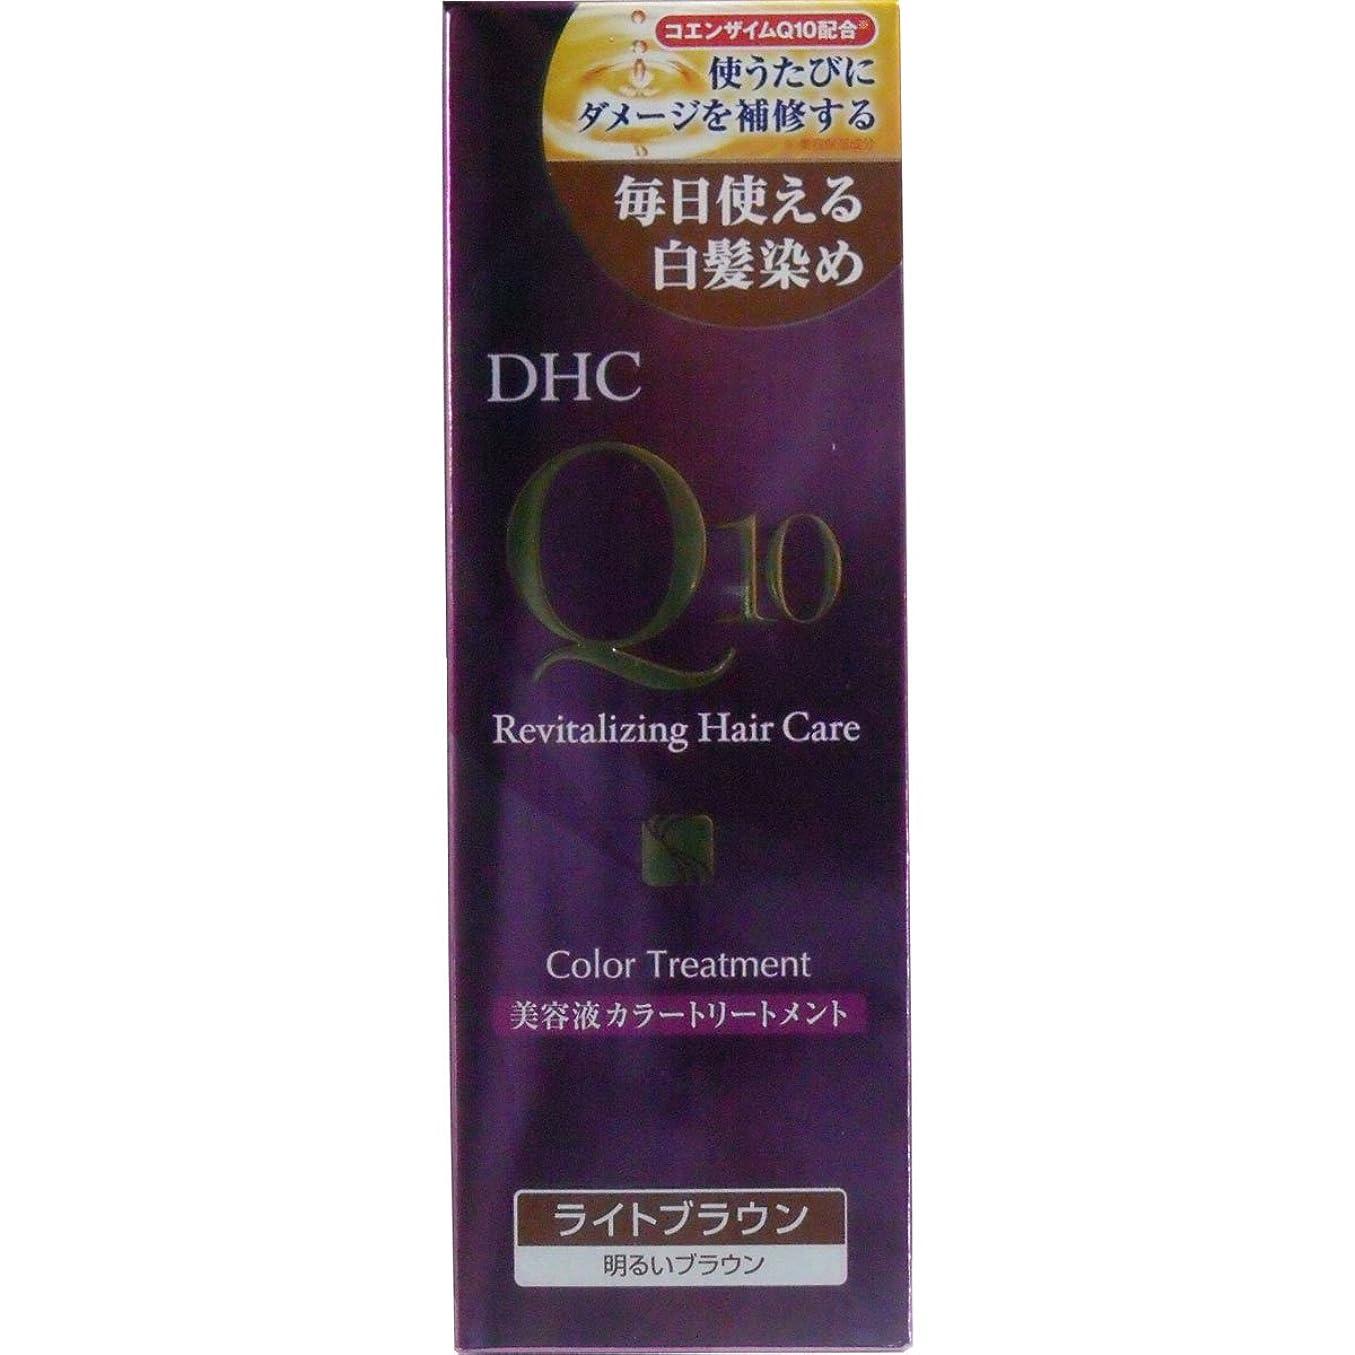 ワーカーアナロジーコークスDHC Q10美容液 カラートリートメント ライトブラウン 170g「5点セット」